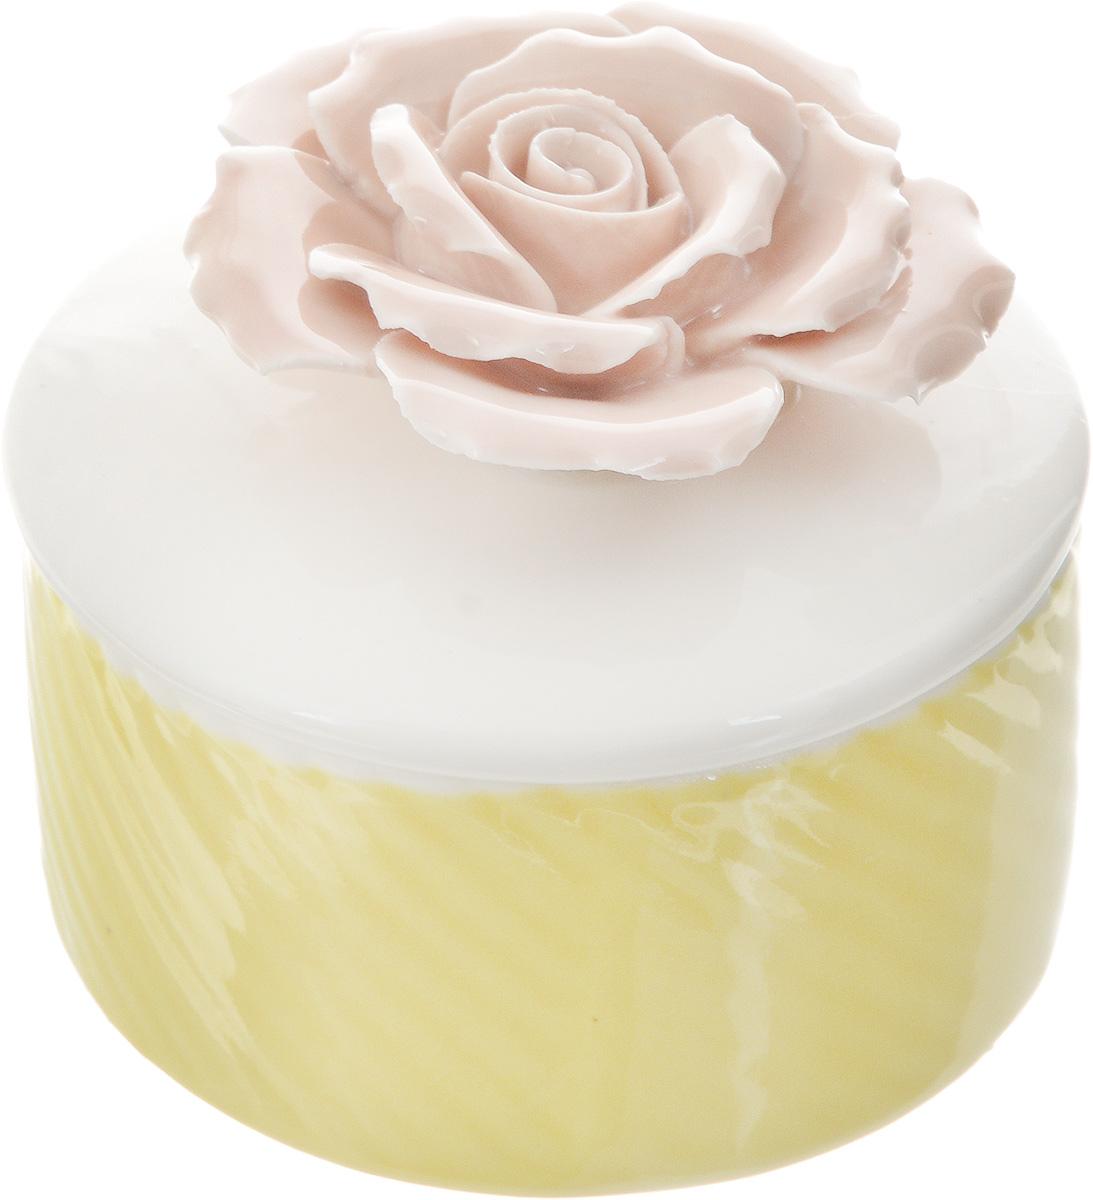 Шкатулка для украшений Феникс-Презент, цвет: желтый, белый, розовый, 7 х 7 х 6,5 см43837Шкатулка Феникс-Презент предназначена для украшений. Изделие изготовлено из фарфора. Крышка шкатулки украшена розой. Вы можете поставить шкатулку в любом месте, где она будет удачно смотреться и радовать глаз. Кроме того - это отличный вариант подарка для ваших близких и друзей. Размер шкатулки: 7 х 7 х 6,5 см.